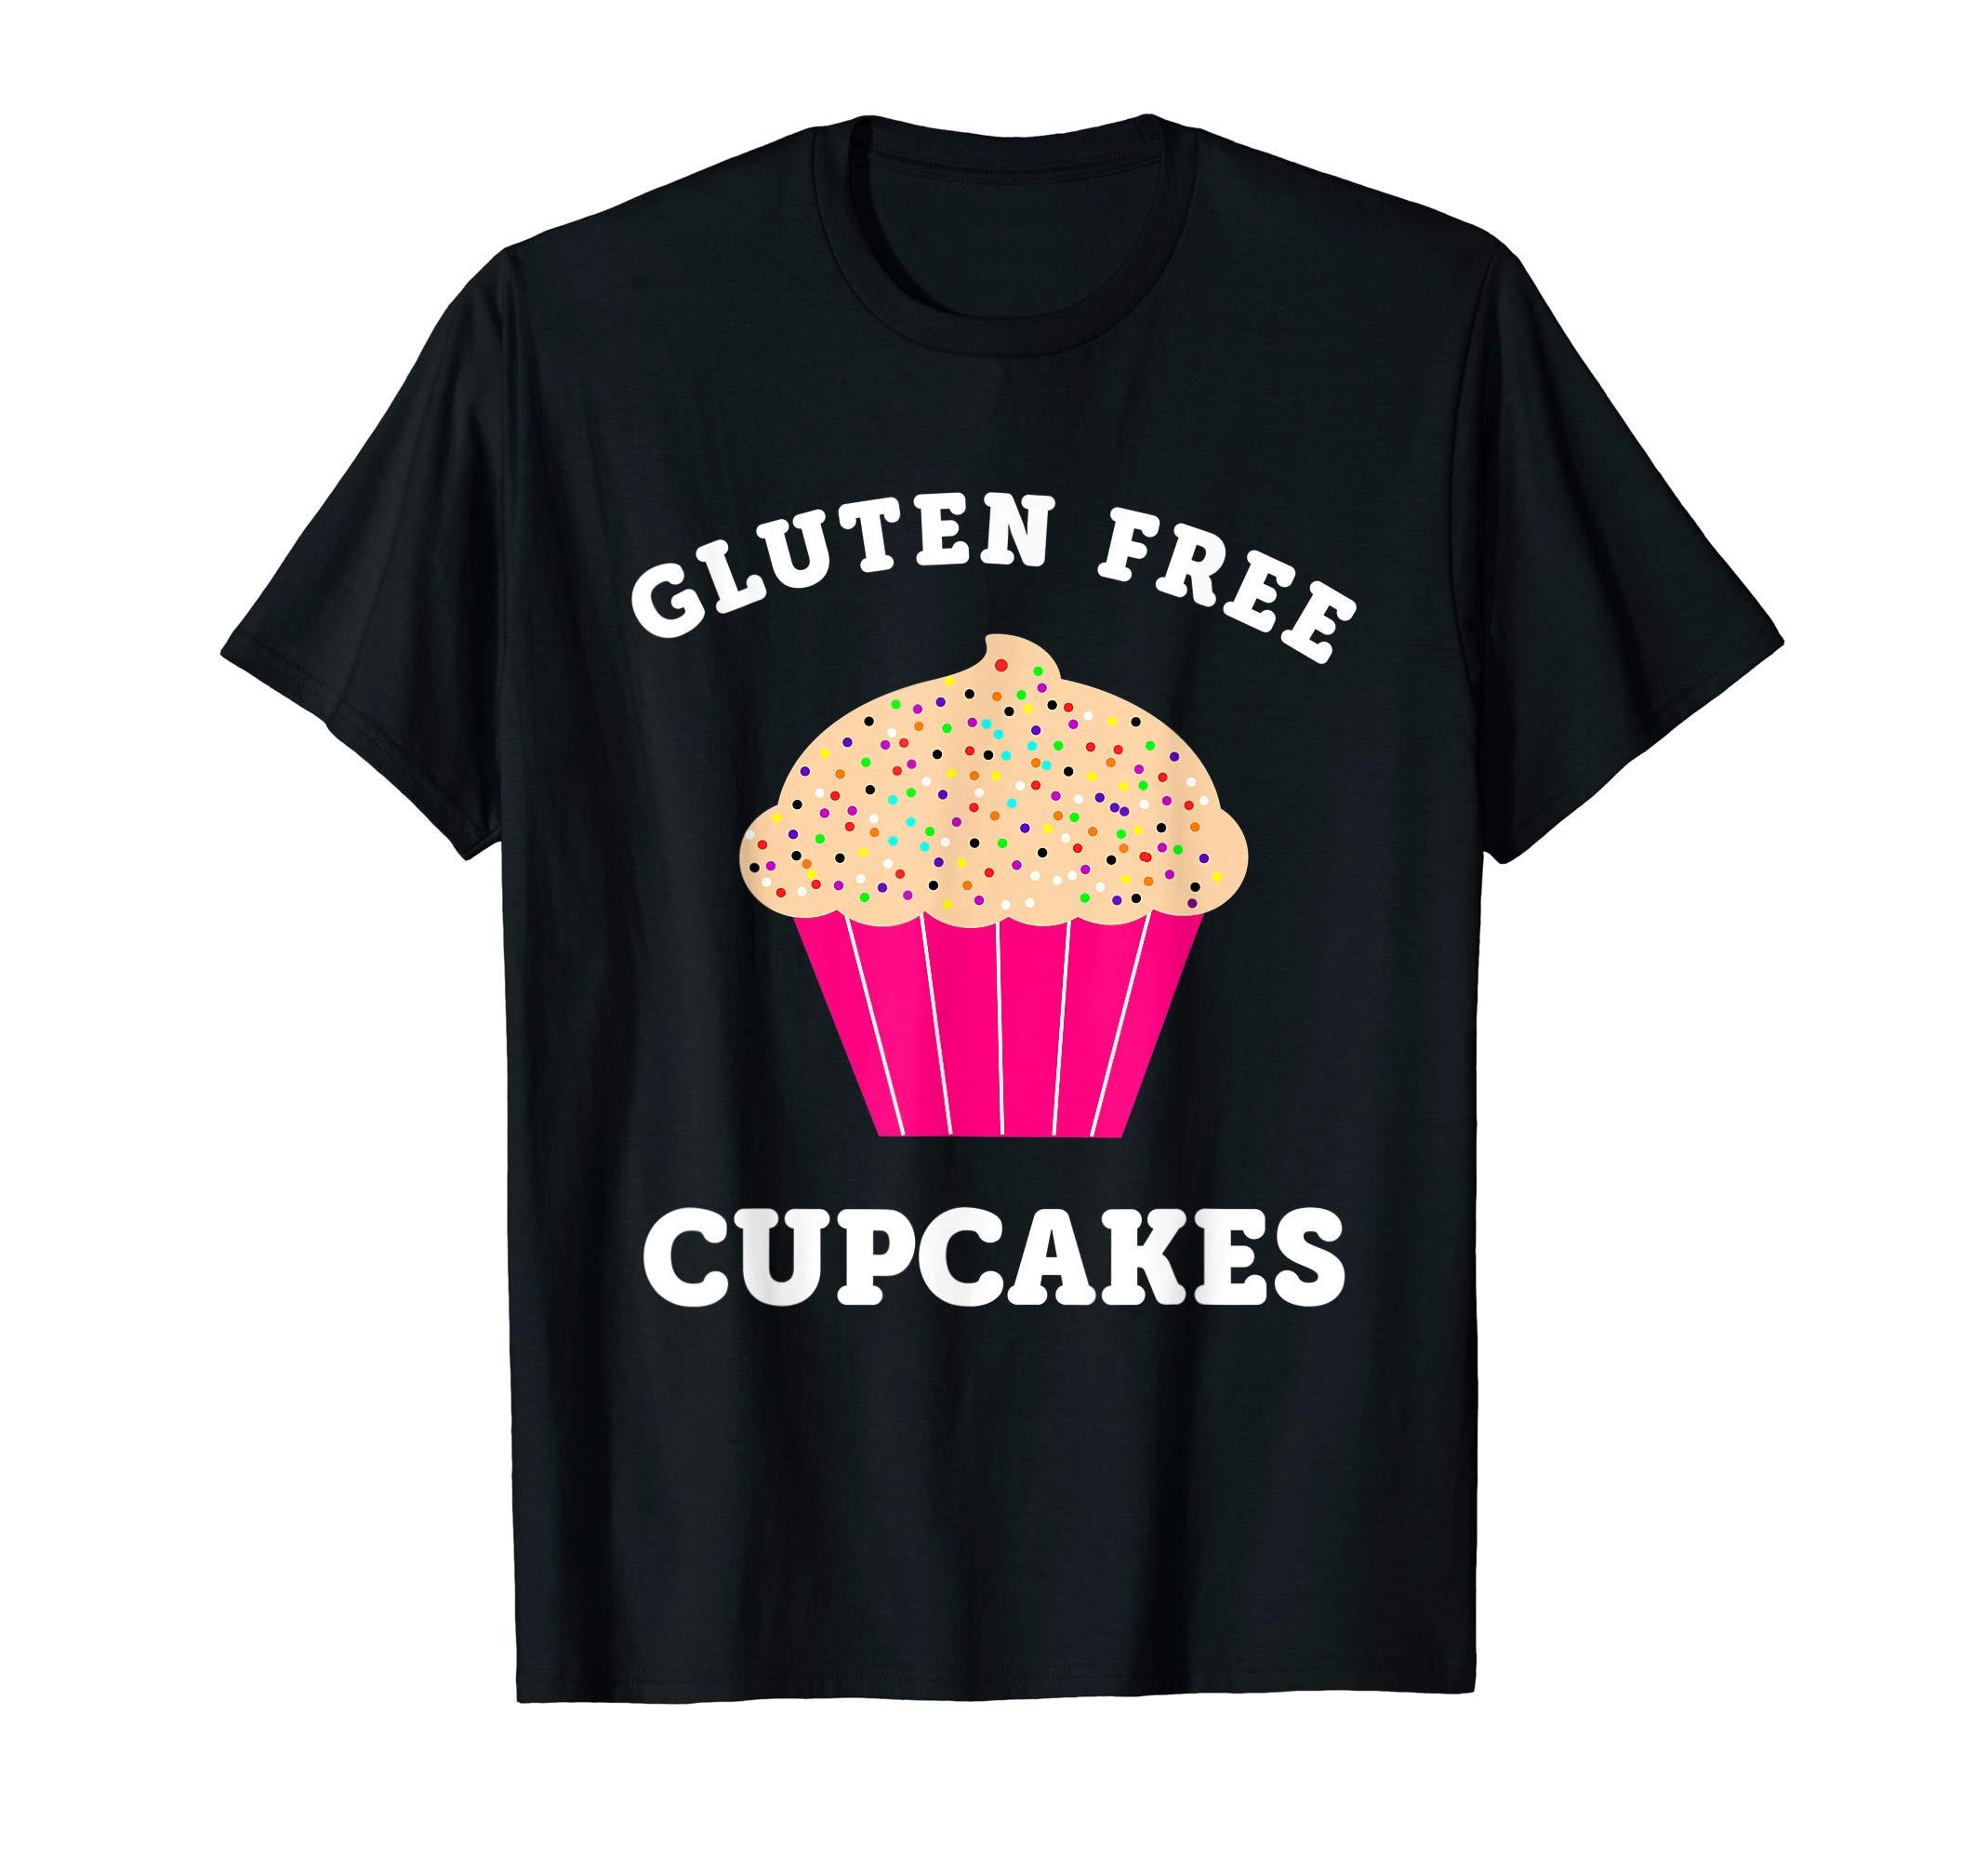 Cute Gluten Free Cupcake Gift For Women T-Shirt by Cute Gluten Free Clothing Co